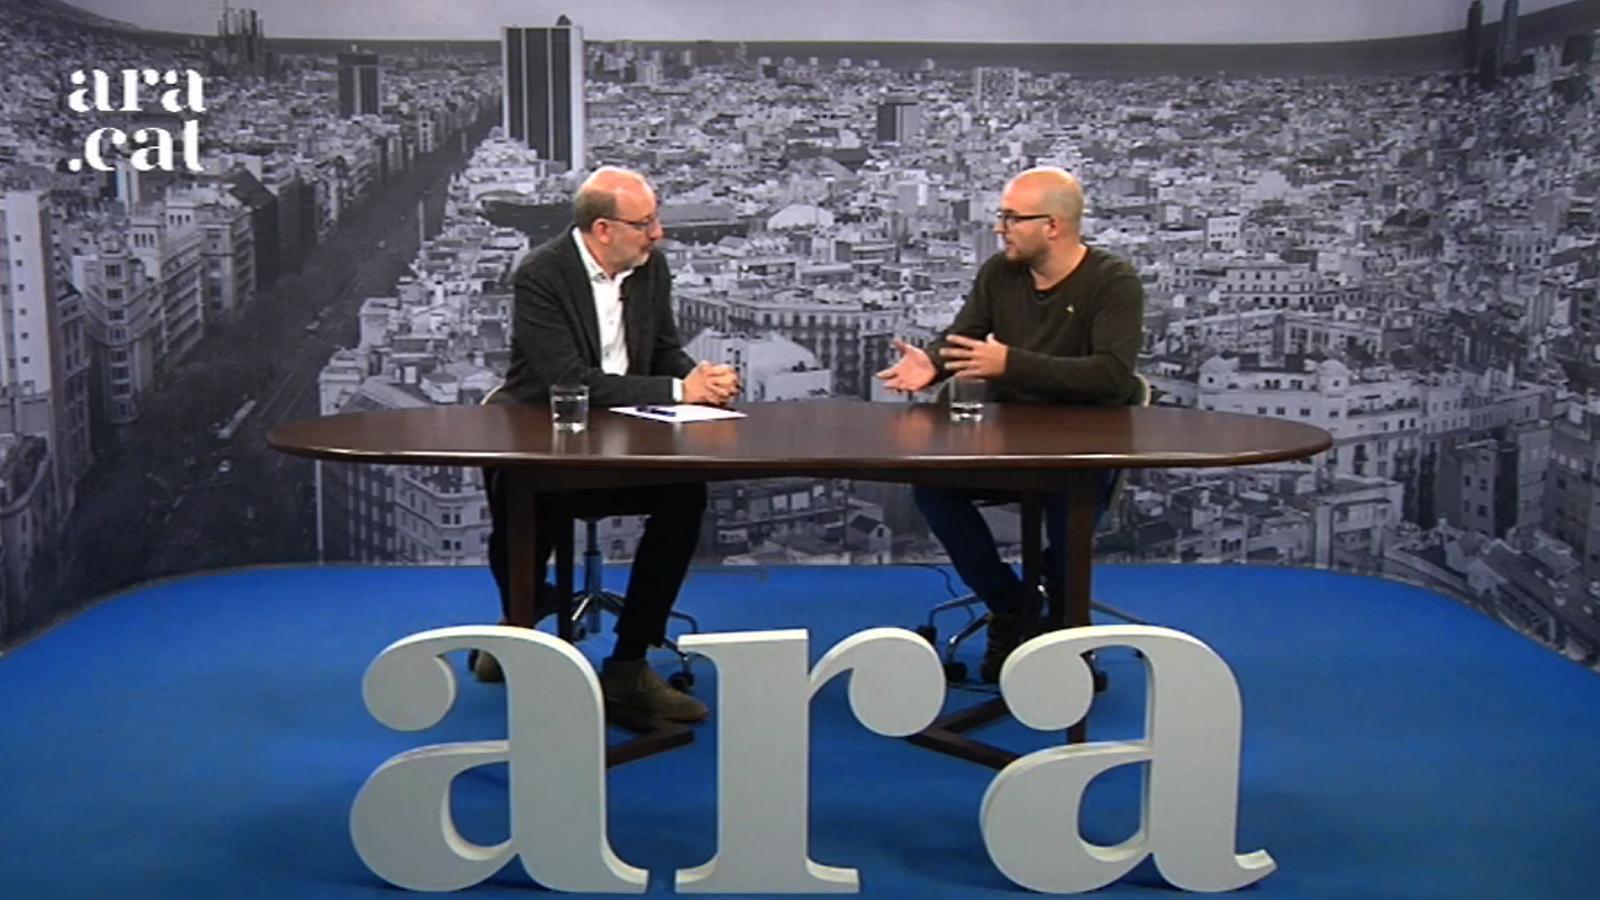 Entrevista d'Antoni Bassas a Joan Coma